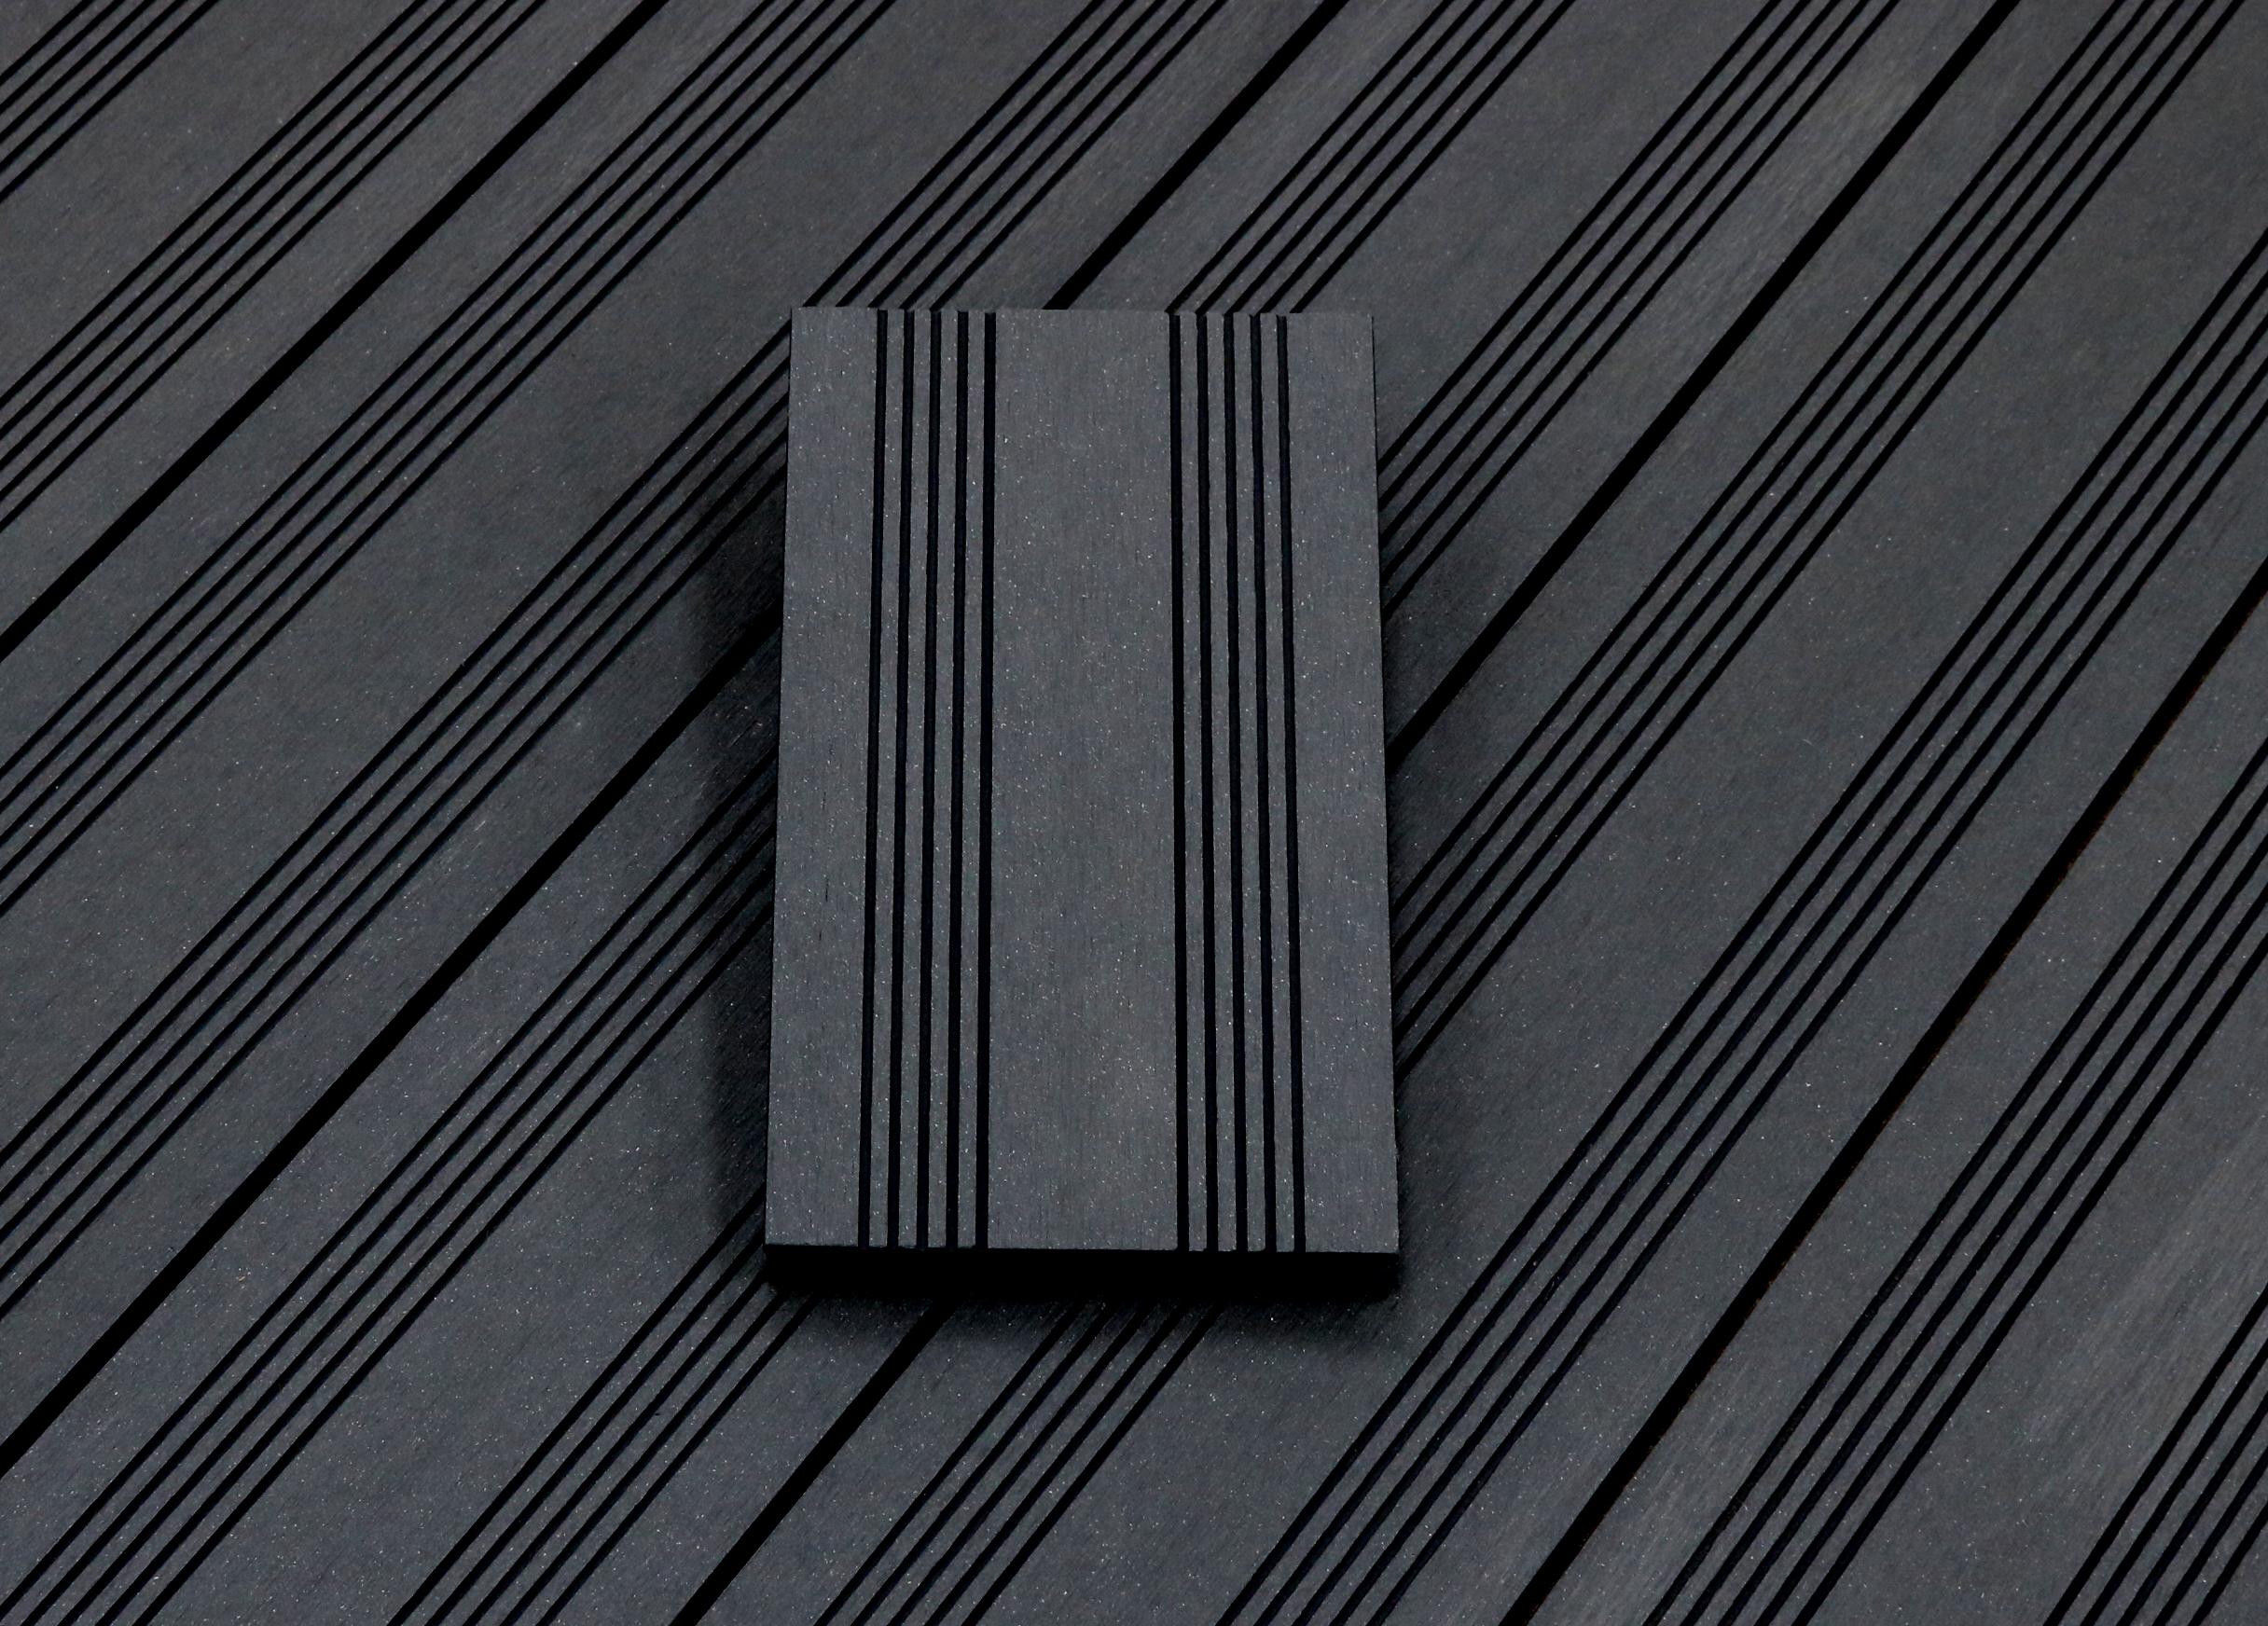 WPC Terrassendielen massiv, Oberfläche mit französischem Profil, Farbton dunkelgrau, Vollprofil, 22 x 143 bis 4800 mm für 7,95 €/lfm